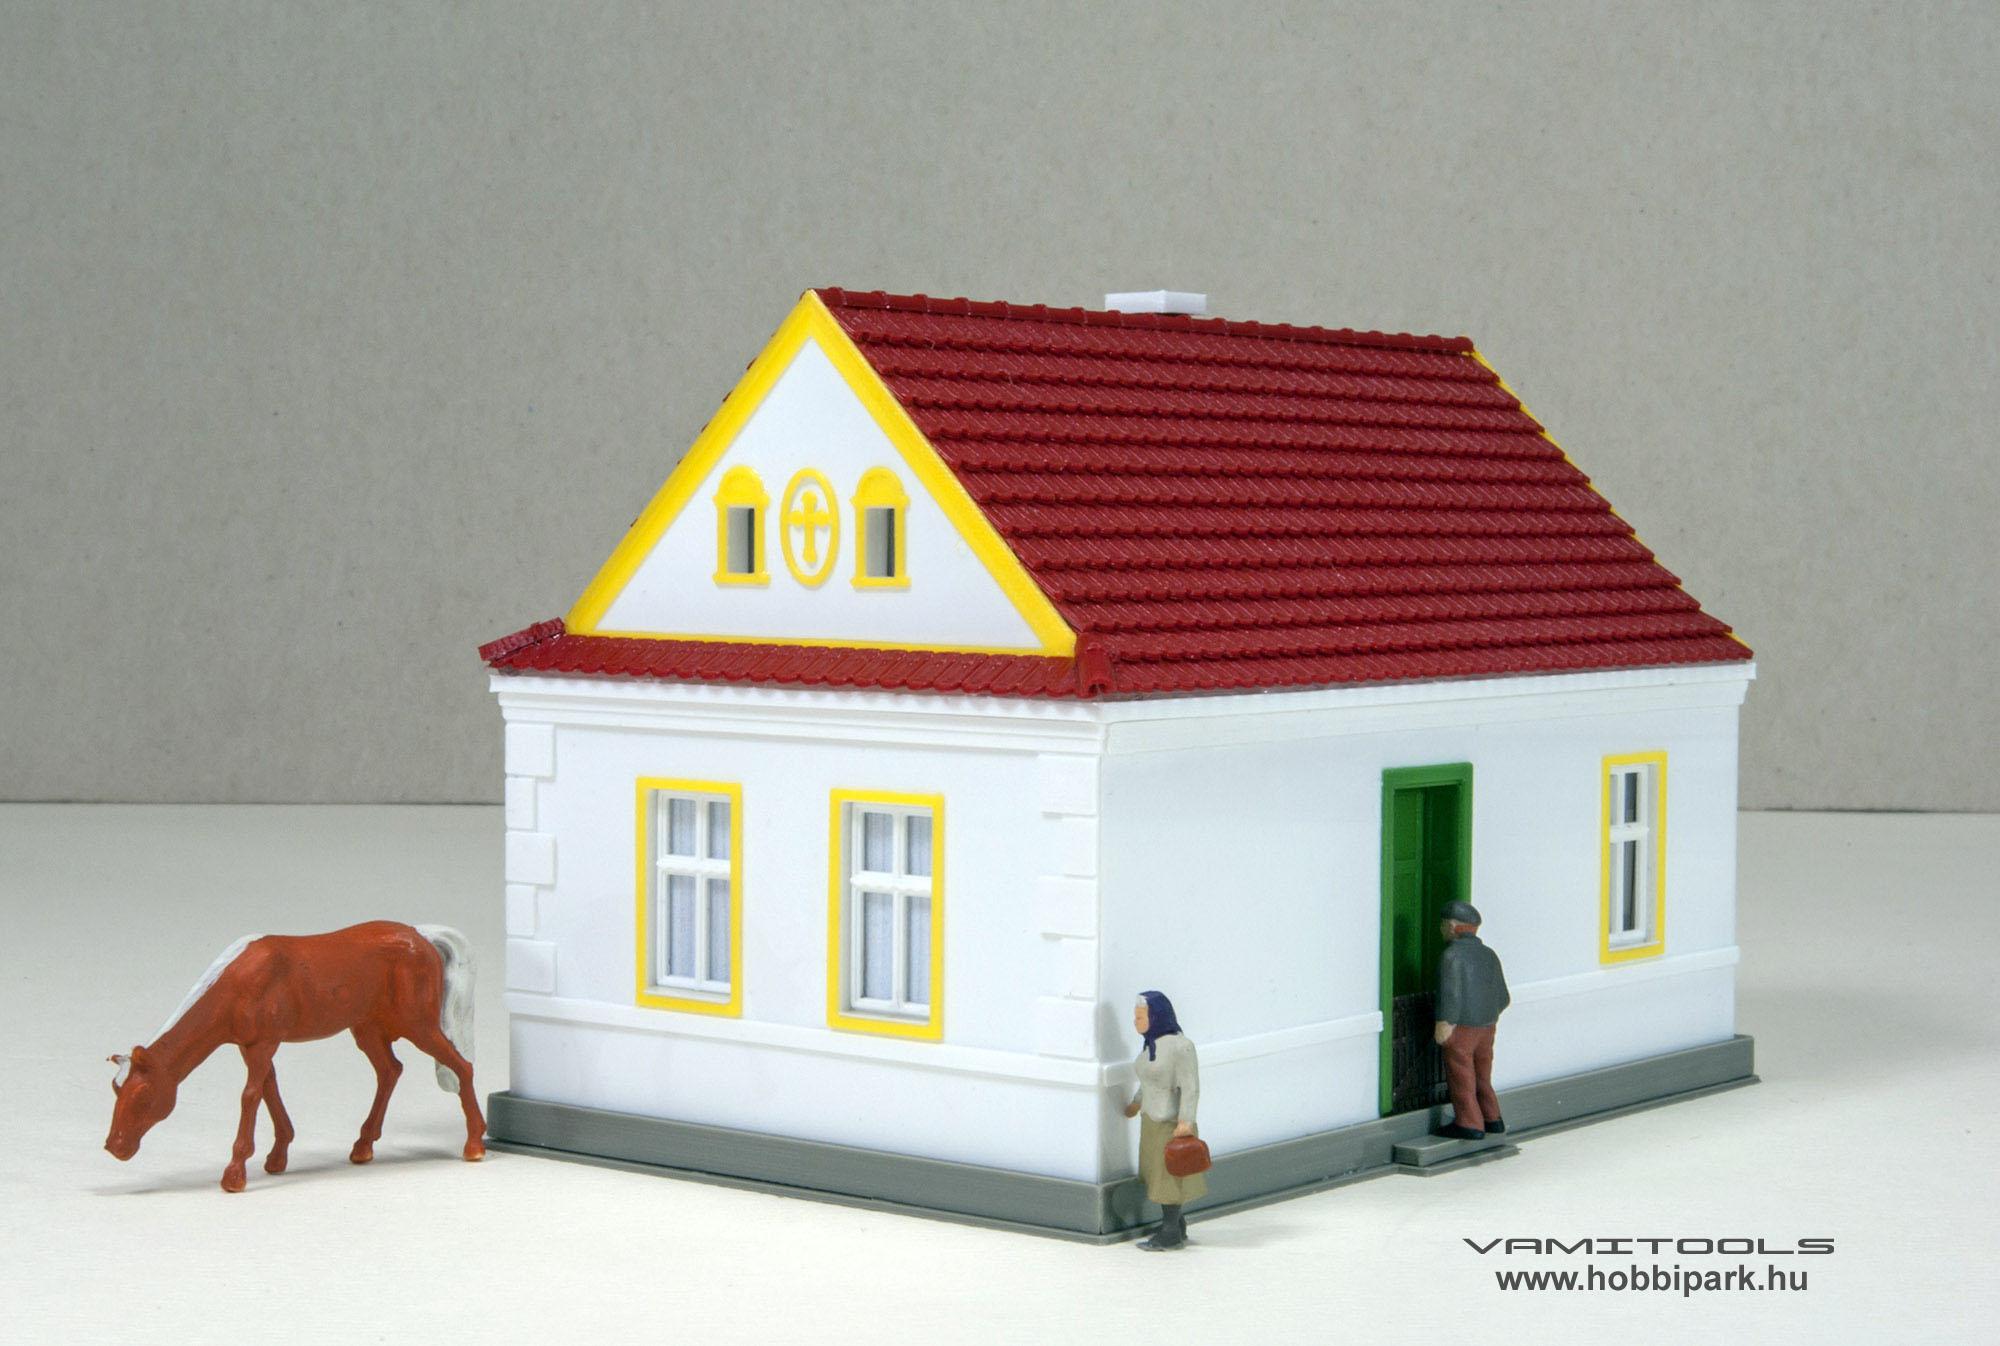 ház, parasztház, kockaház, kádárkocka, épület, hajlék, lakás, ingatlan, lakóház, házikó, otthon, lakóhely, lakhely, vityilló, kulipintyó, kalyiba, kuckó, sváb parasztház, székely parasztház, magyar parasztház, magyar ház, falu, falusi ház, H0 ház, H0 parasztház, H0 kockaház, H0 kádárkocka, H0 épület, H0 hajlék, H0 lakás, H0 ingatlan, H0 lakóház, H0 házikó, H0 otthon, H0 lakóhely, H0 lakhely, H0 vityilló, H0 kulipintyó, H0 kalyiba, H0 kuckó, H0 sváb parasztház, H0 székely parasztház, H0 magyar parasztház, H0 magyar ház, H0 falu, H0 falusi ház, 1:87 ház, 1:87 parasztház, 1:87 kockaház, 1:87 kádárkocka, 1:87 épület, 1:87 hajlék, 1:87 lakás, 1:87 ingatlan, 1:87 lakóház, 1:87 házikó, 1:87 otthon, 1:87 lakóhely, 1:87 lakhely, 1:87 vityilló, 1:87 kulipintyó, 1:87 kalyiba, 1:87 kuckó, 1:87 sváb parasztház, 1:87 székely parasztház, 1:87 magyar parasztház, 1:87 magyar ház, 1:87 falu, 1:87 falusi ház, TT ház, TT parasztház, TT kockaház, TT kádárkocka, TT épület, TT hajlék, TT lakás, TT ingatlan, TT lakóház, TT házikó, TT otthon, TT lakóhely, TT lakhely, TT vityilló, TT kulipintyó, TT kalyiba, TT kuckó, TT sváb parasztház, TT székely parasztház, TT magyar parasztház, TT magyar ház, TT falu, TT falusi ház, 1:120 ház, 1:120 parasztház, 1:120 kockaház, 1:120 kádárkocka, 1:120 épület, 1:120 hajlék, 1:120 lakás, 1:120 ingatlan, 1:120 lakóház, 1:120 házikó, 1:120 otthon, 1:120 lakóhely, 1:120 lakhely, 1:120 vityilló, 1:120 kulipintyó, 1:120 kalyiba, 1:120 kuckó, 1:120 sváb parasztház, 1:120 székely parasztház, 1:120 magyar parasztház, 1:120 magyar ház, 1:120 falu, 1:120 falusi ház, N ház, N parasztház, N kockaház, N kádárkocka, N épület, N hajlék, N lakás, N ingatlan, N lakóház, N házikó, N otthon, N lakóhely, N lakhely, N vityilló, N kulipintyó, N kalyiba, N kuckó, N sváb parasztház, N székely parasztház, N magyar parasztház, N magyar ház, N falu, N falusi ház, 1:160 ház, 1:160 parasztház, 1:160 kockaház, 1:160 kádárkocka, 1:160 épület, 1:160 hajlék, 1:160 lakás, 1:160 ingatlan, 1:1